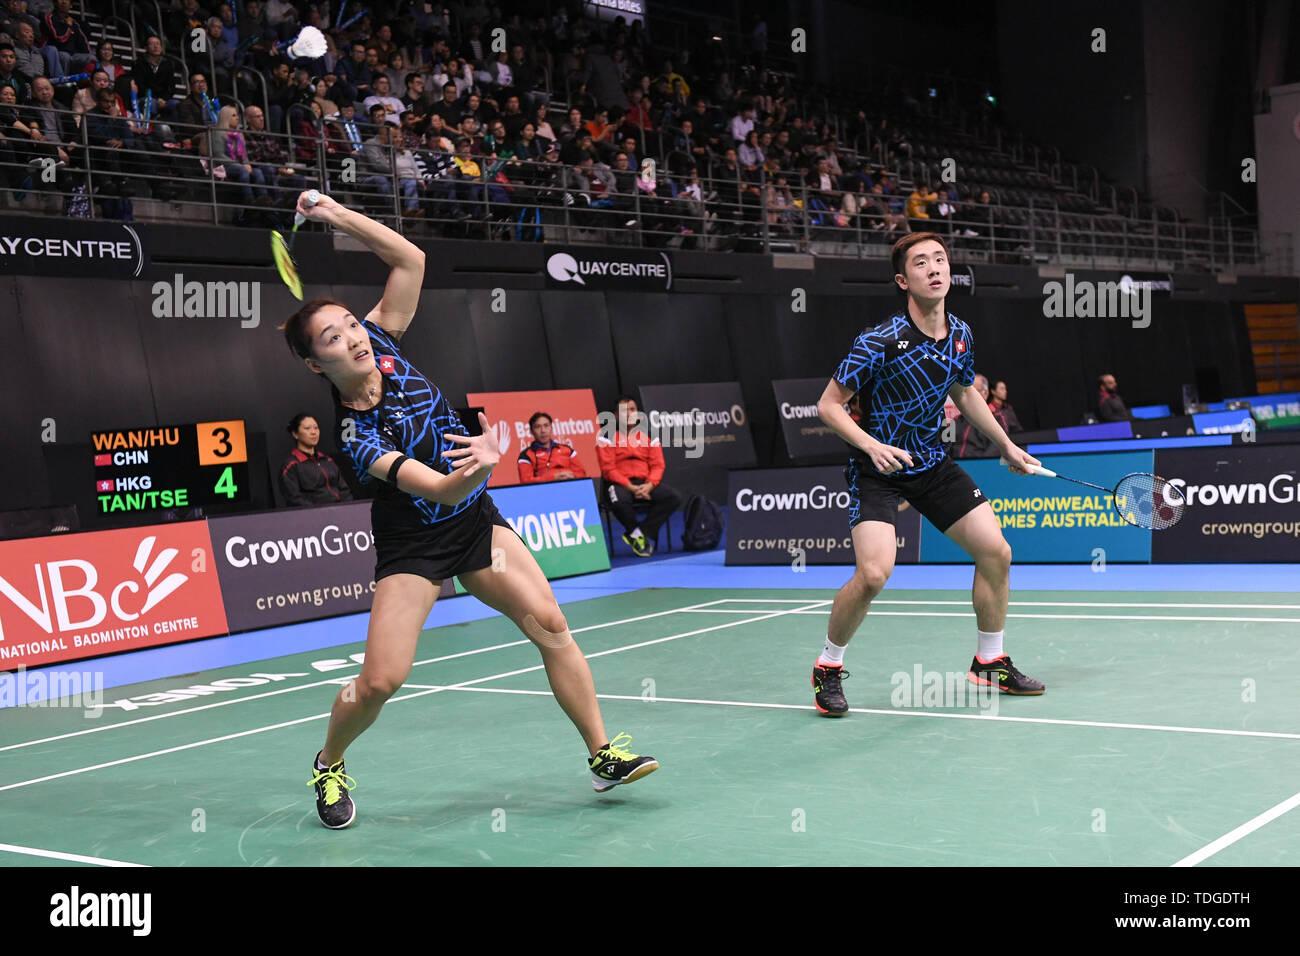 Tang Chun Mann und Tse-Ying Suet (Hong Kong), die in Aktion während der 2019 australischen Badminton Open Mixed semi-finale Match gegen Wang Dongping Yilyu und Huang (China). Tang und Tse verloren das Match 13-21, 10-21. Stockbild